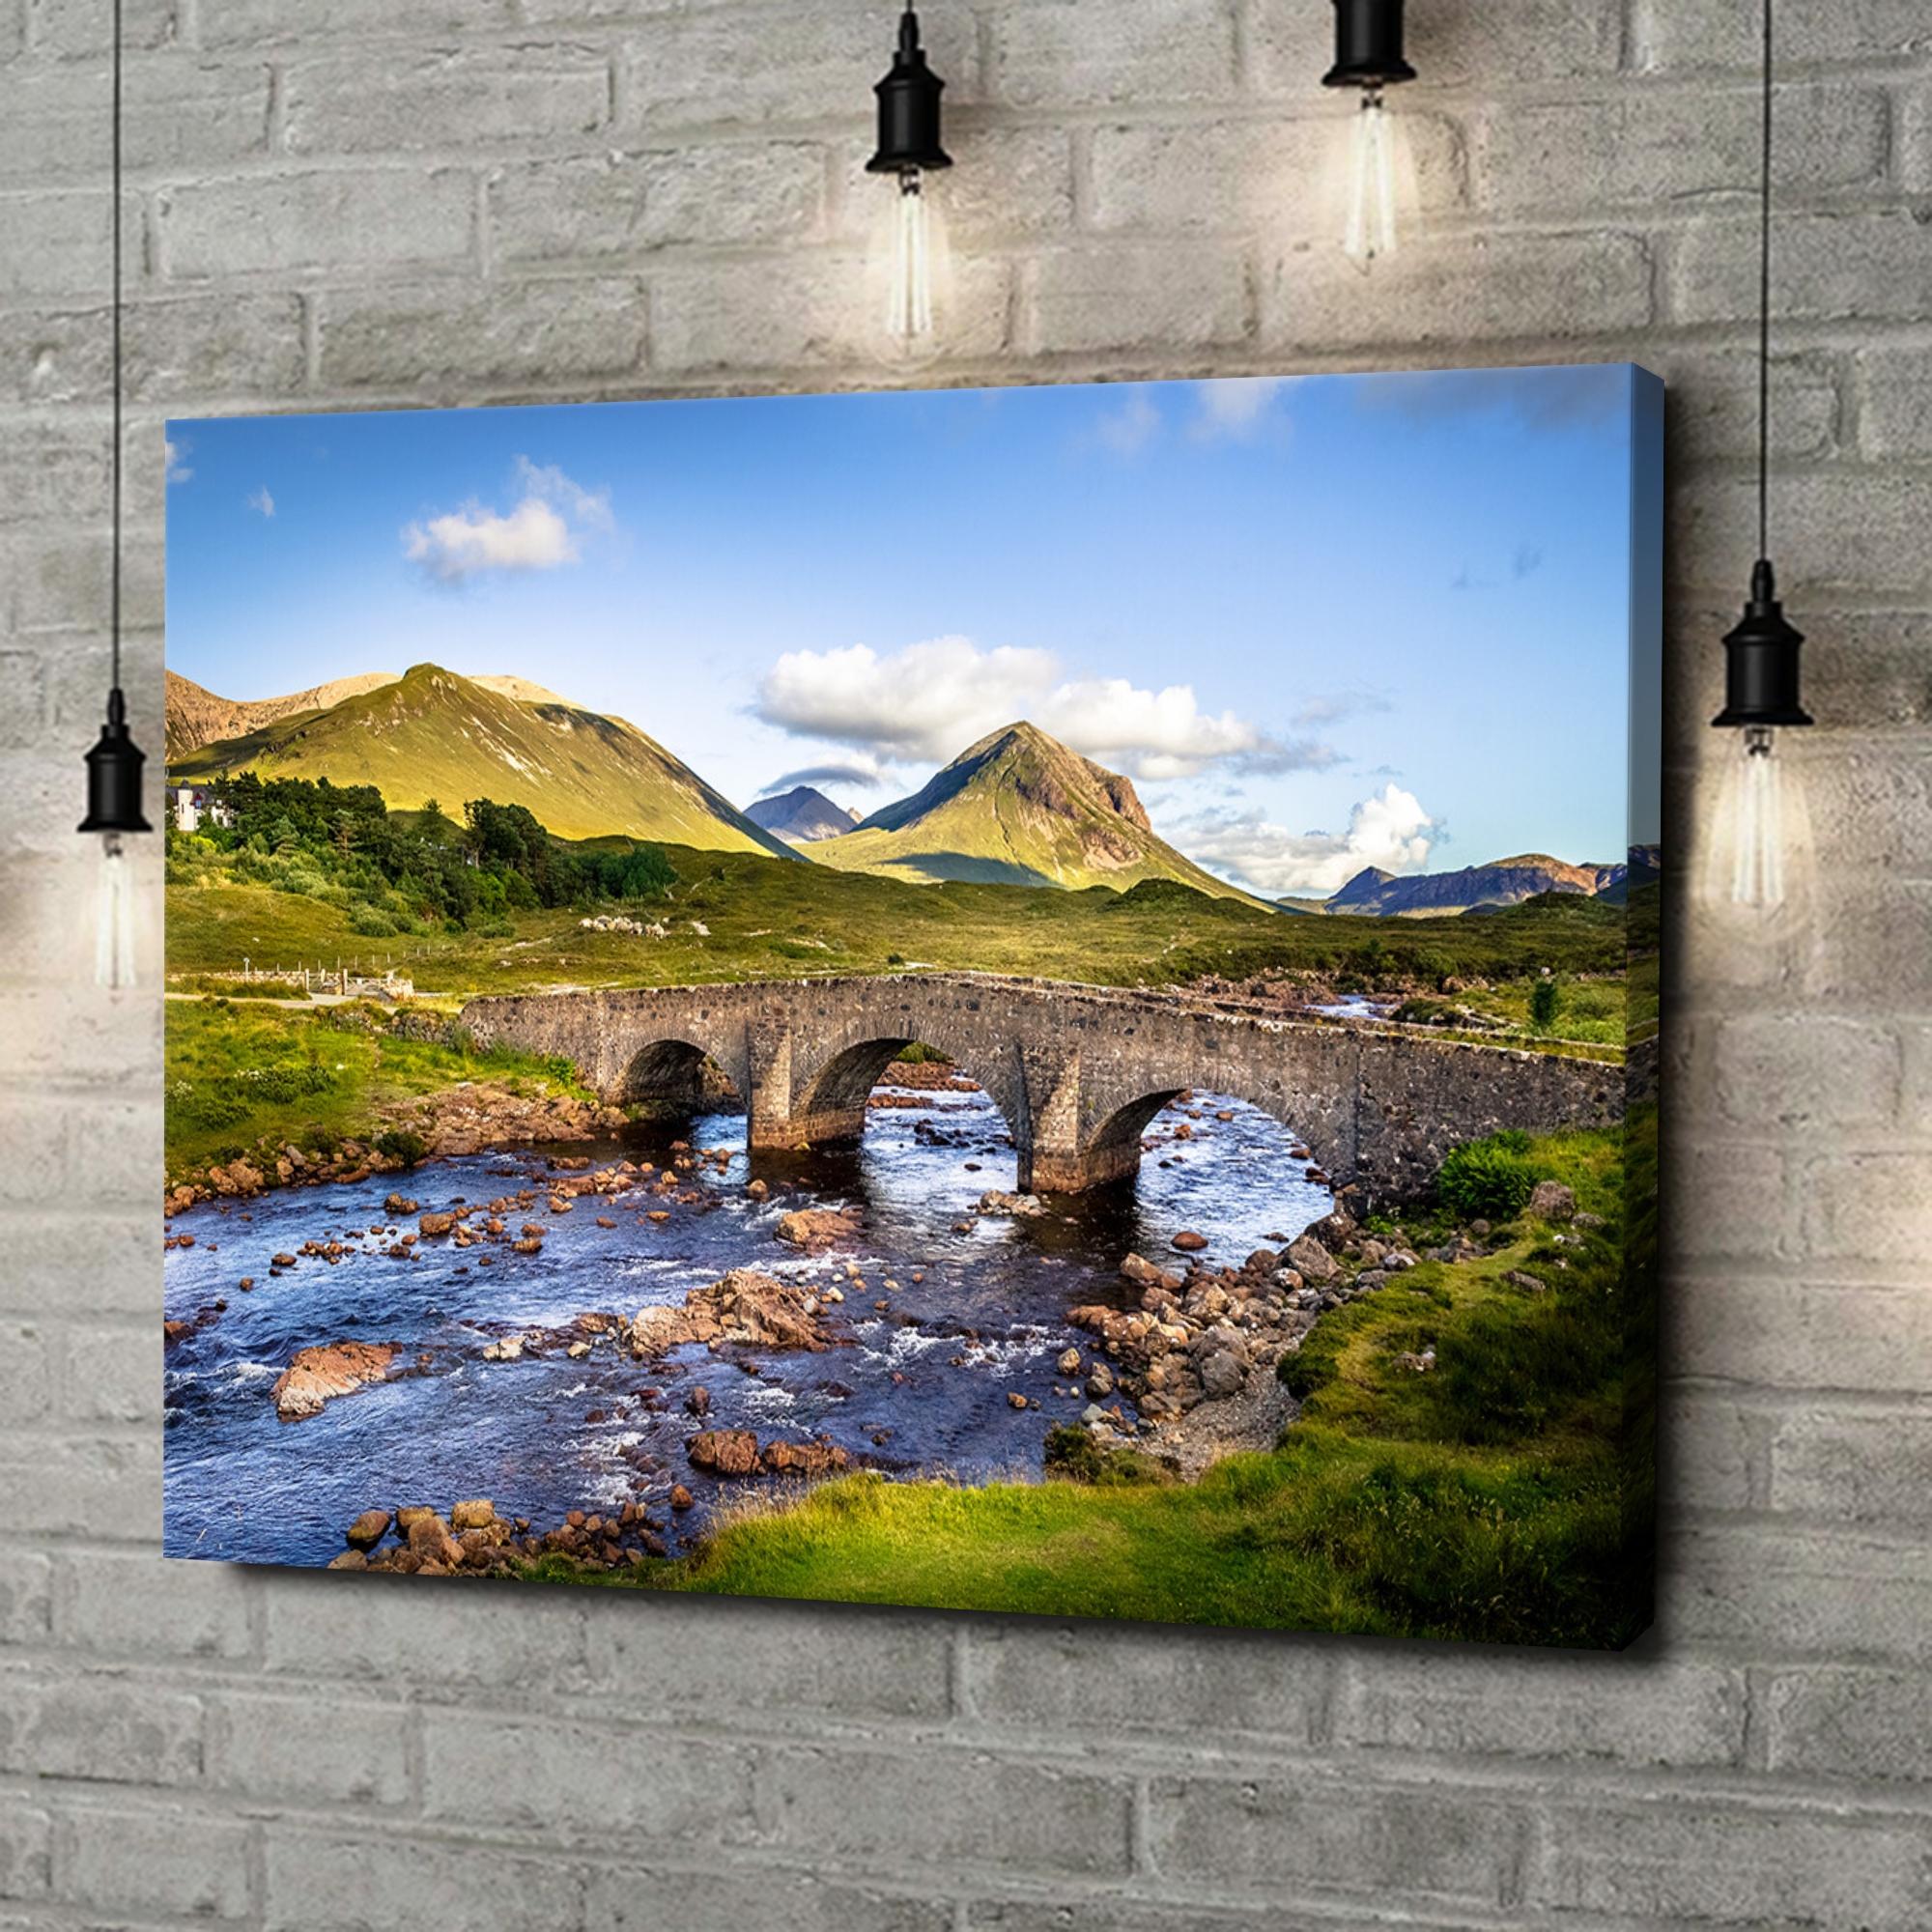 Leinwandbild personalisiert Natursteinbrücke in Schottland